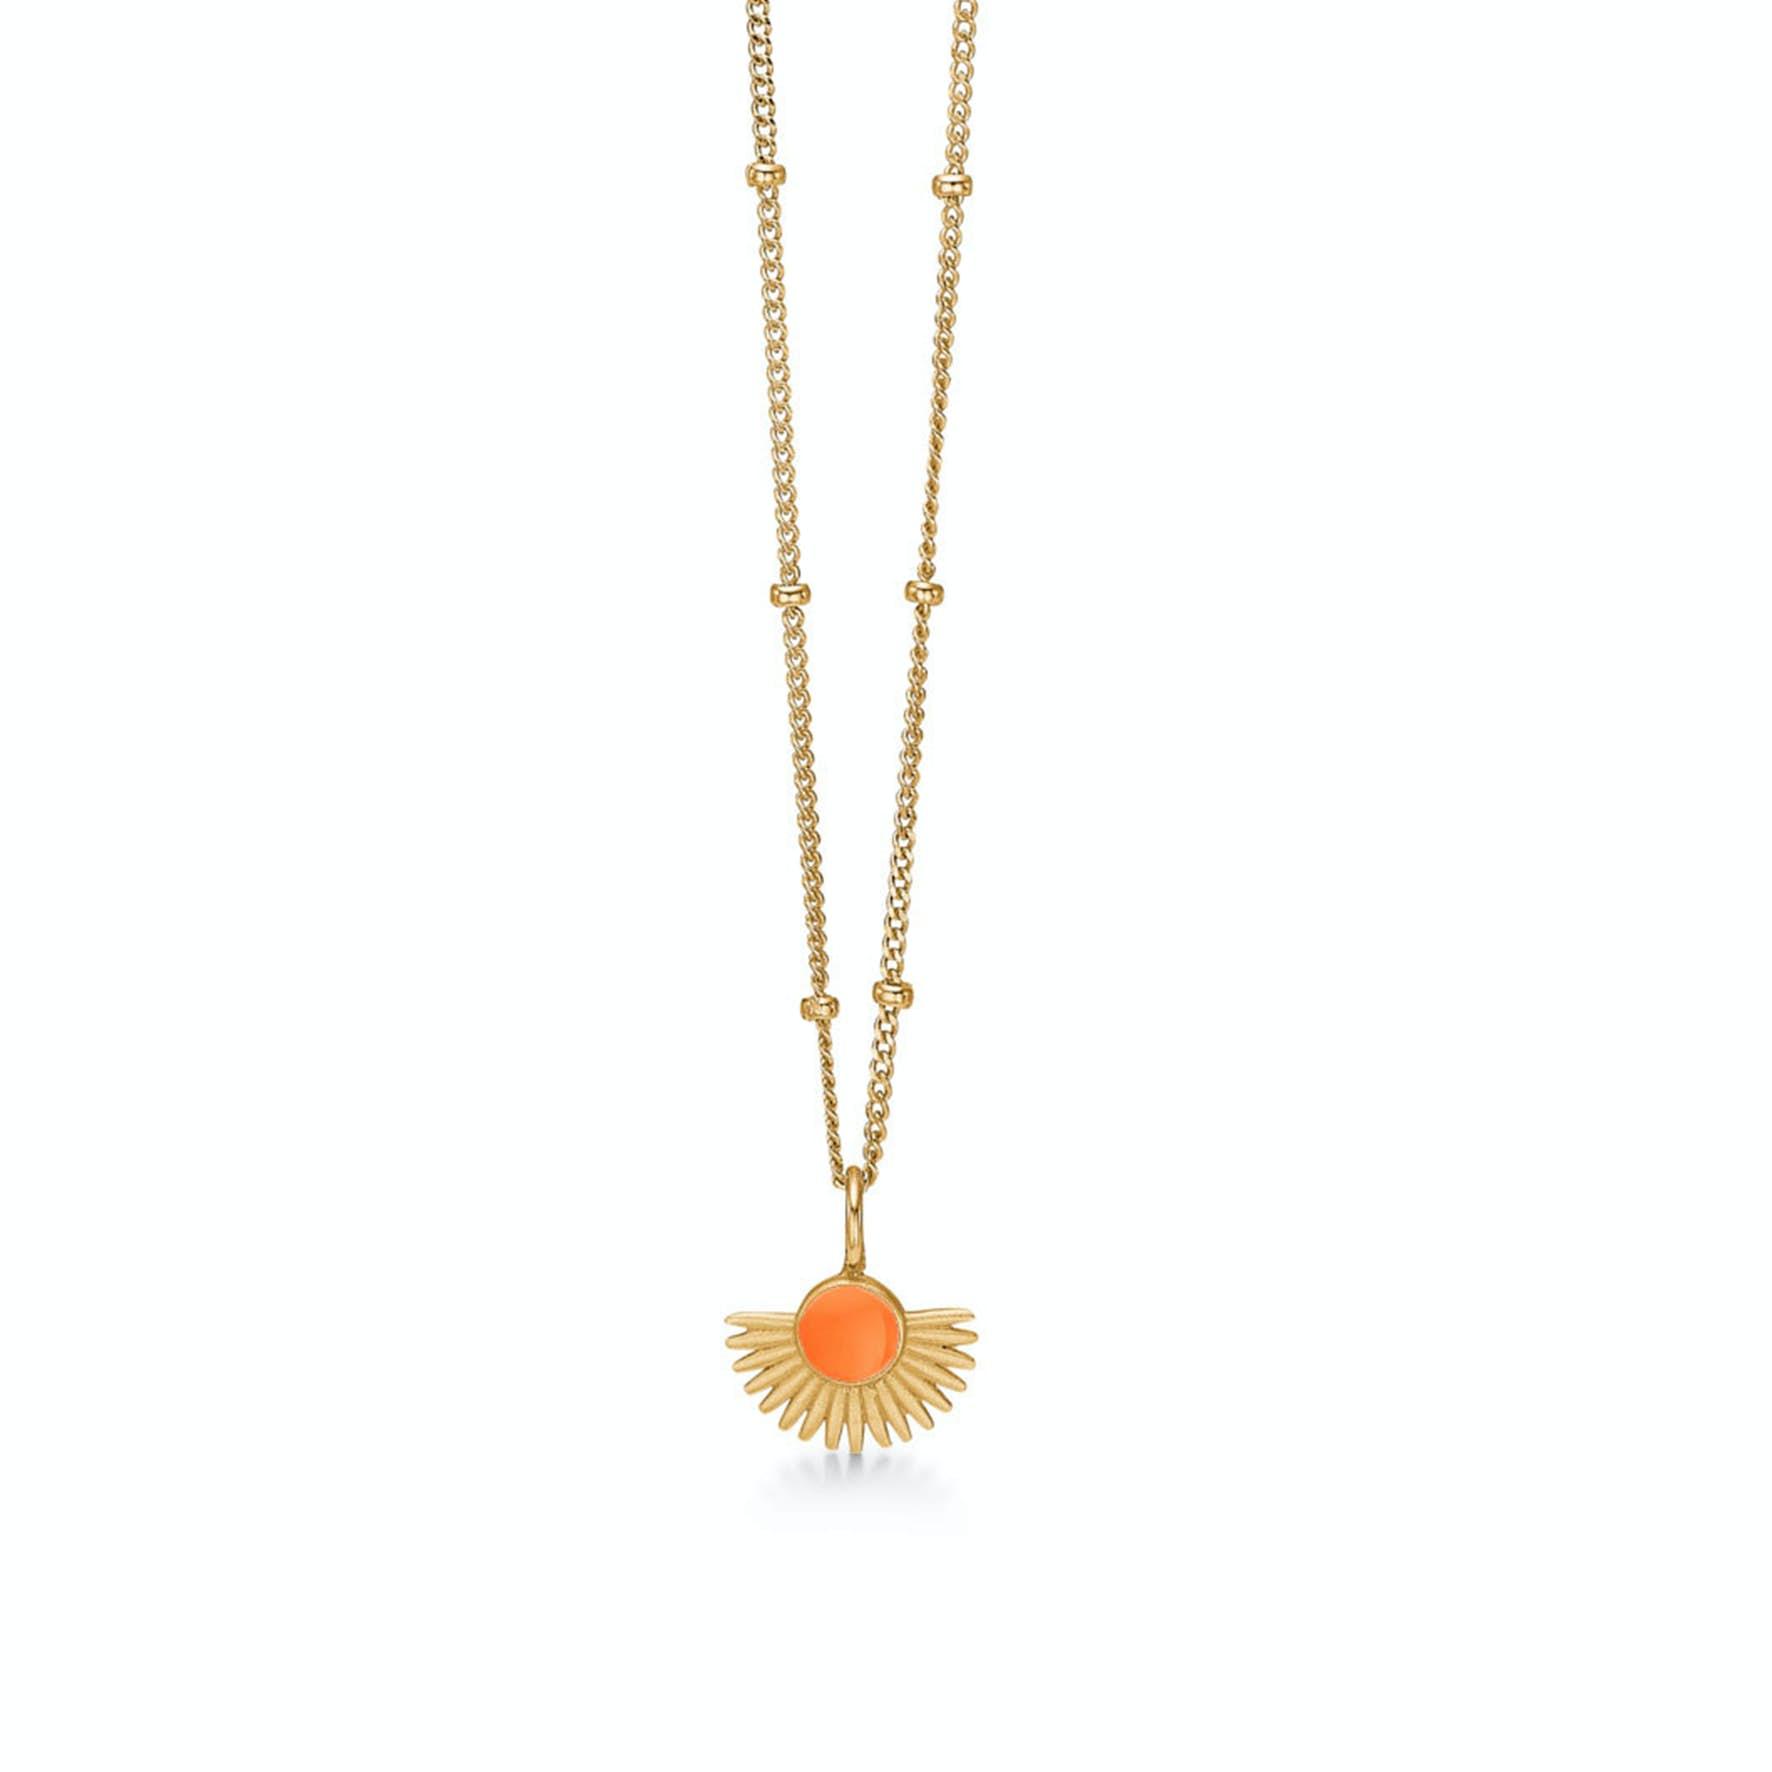 Soleil Necklace Clementine von Enamel Copenhagen in Vergoldet-Silber Sterling 925 Clementine